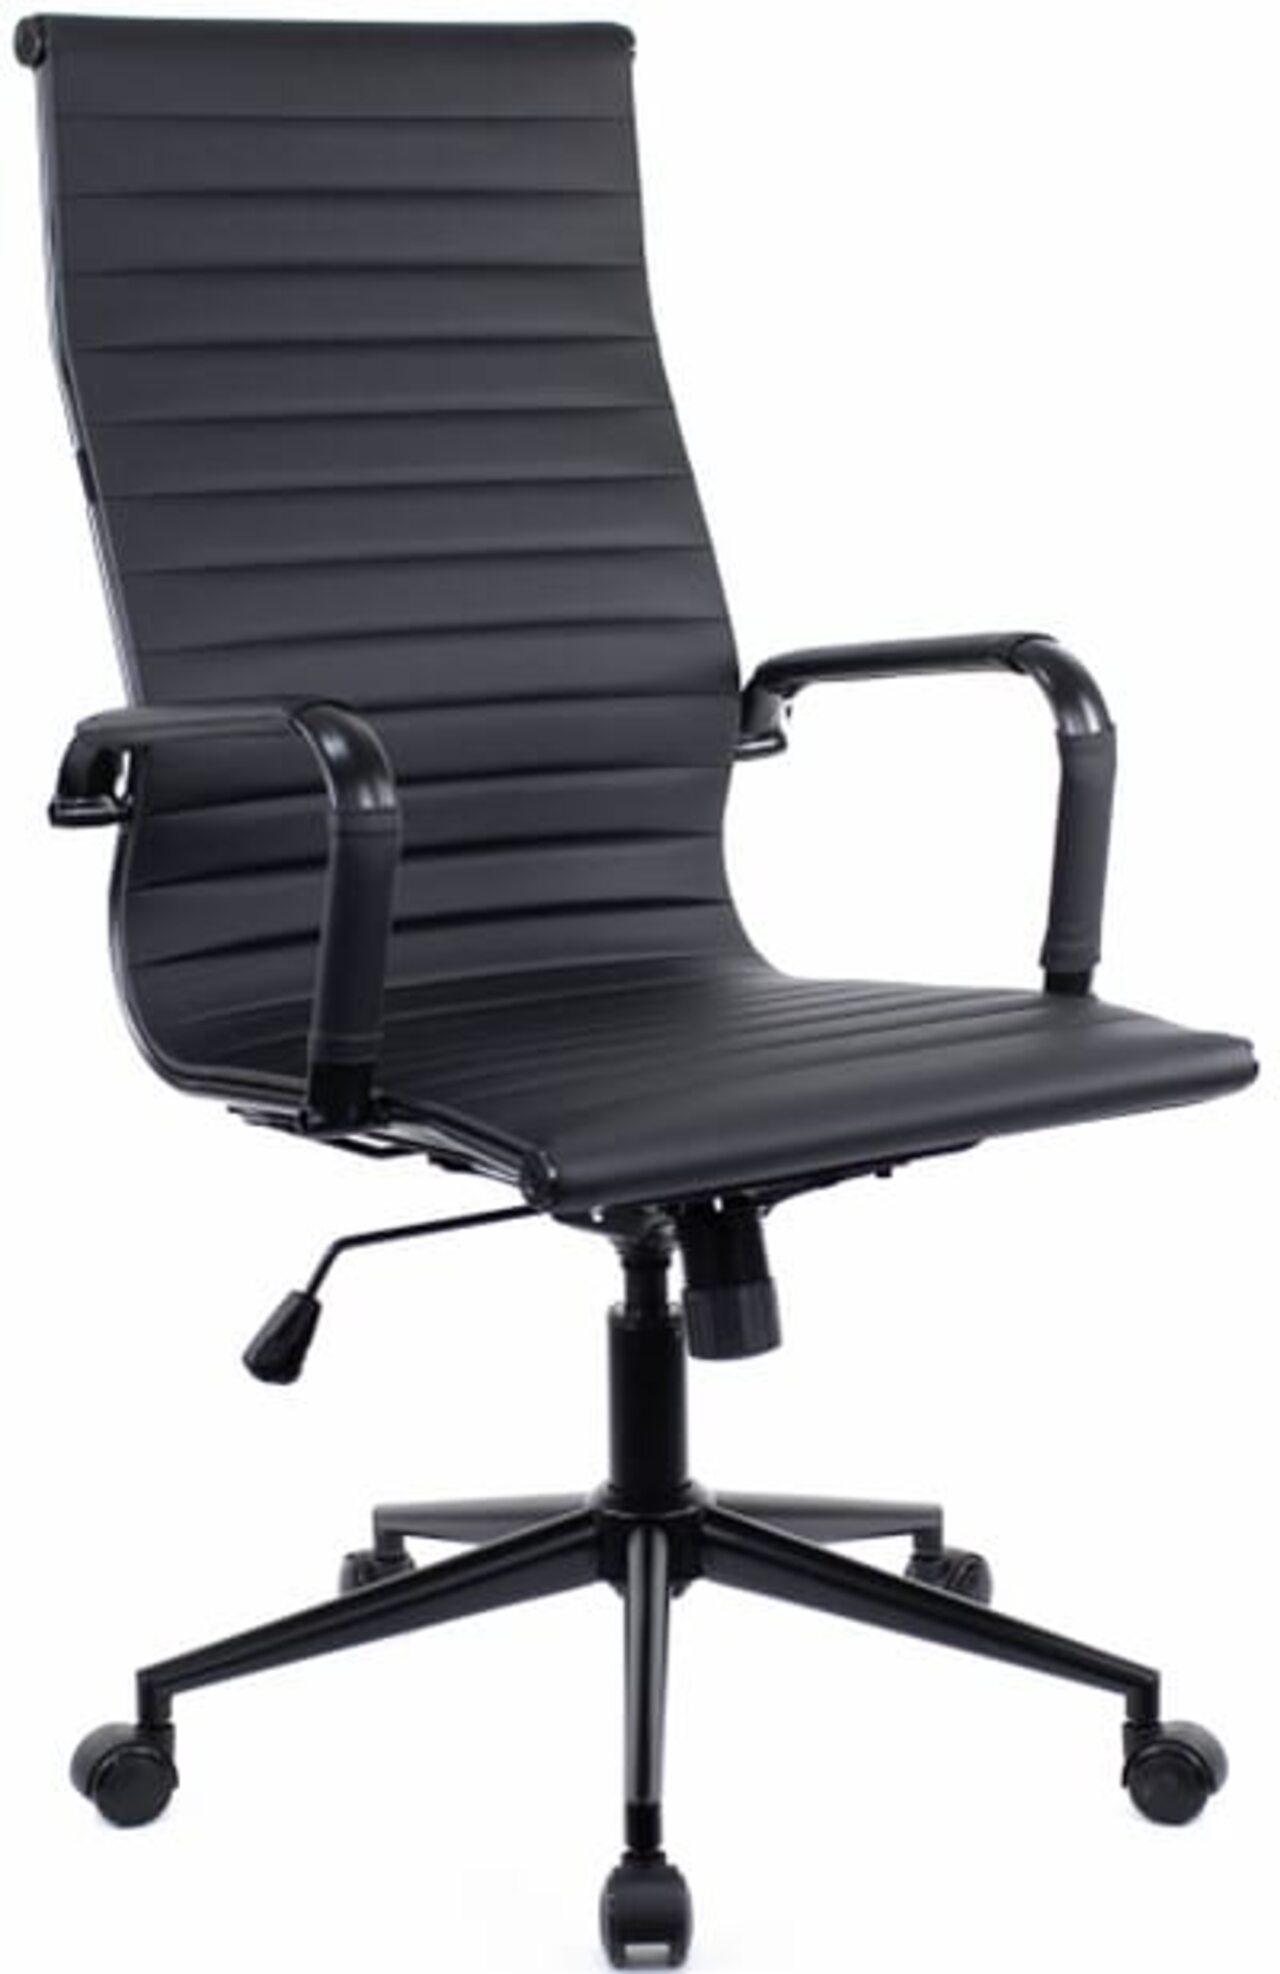 Кресло для руководителя Rio Black T экокожа - фото 1